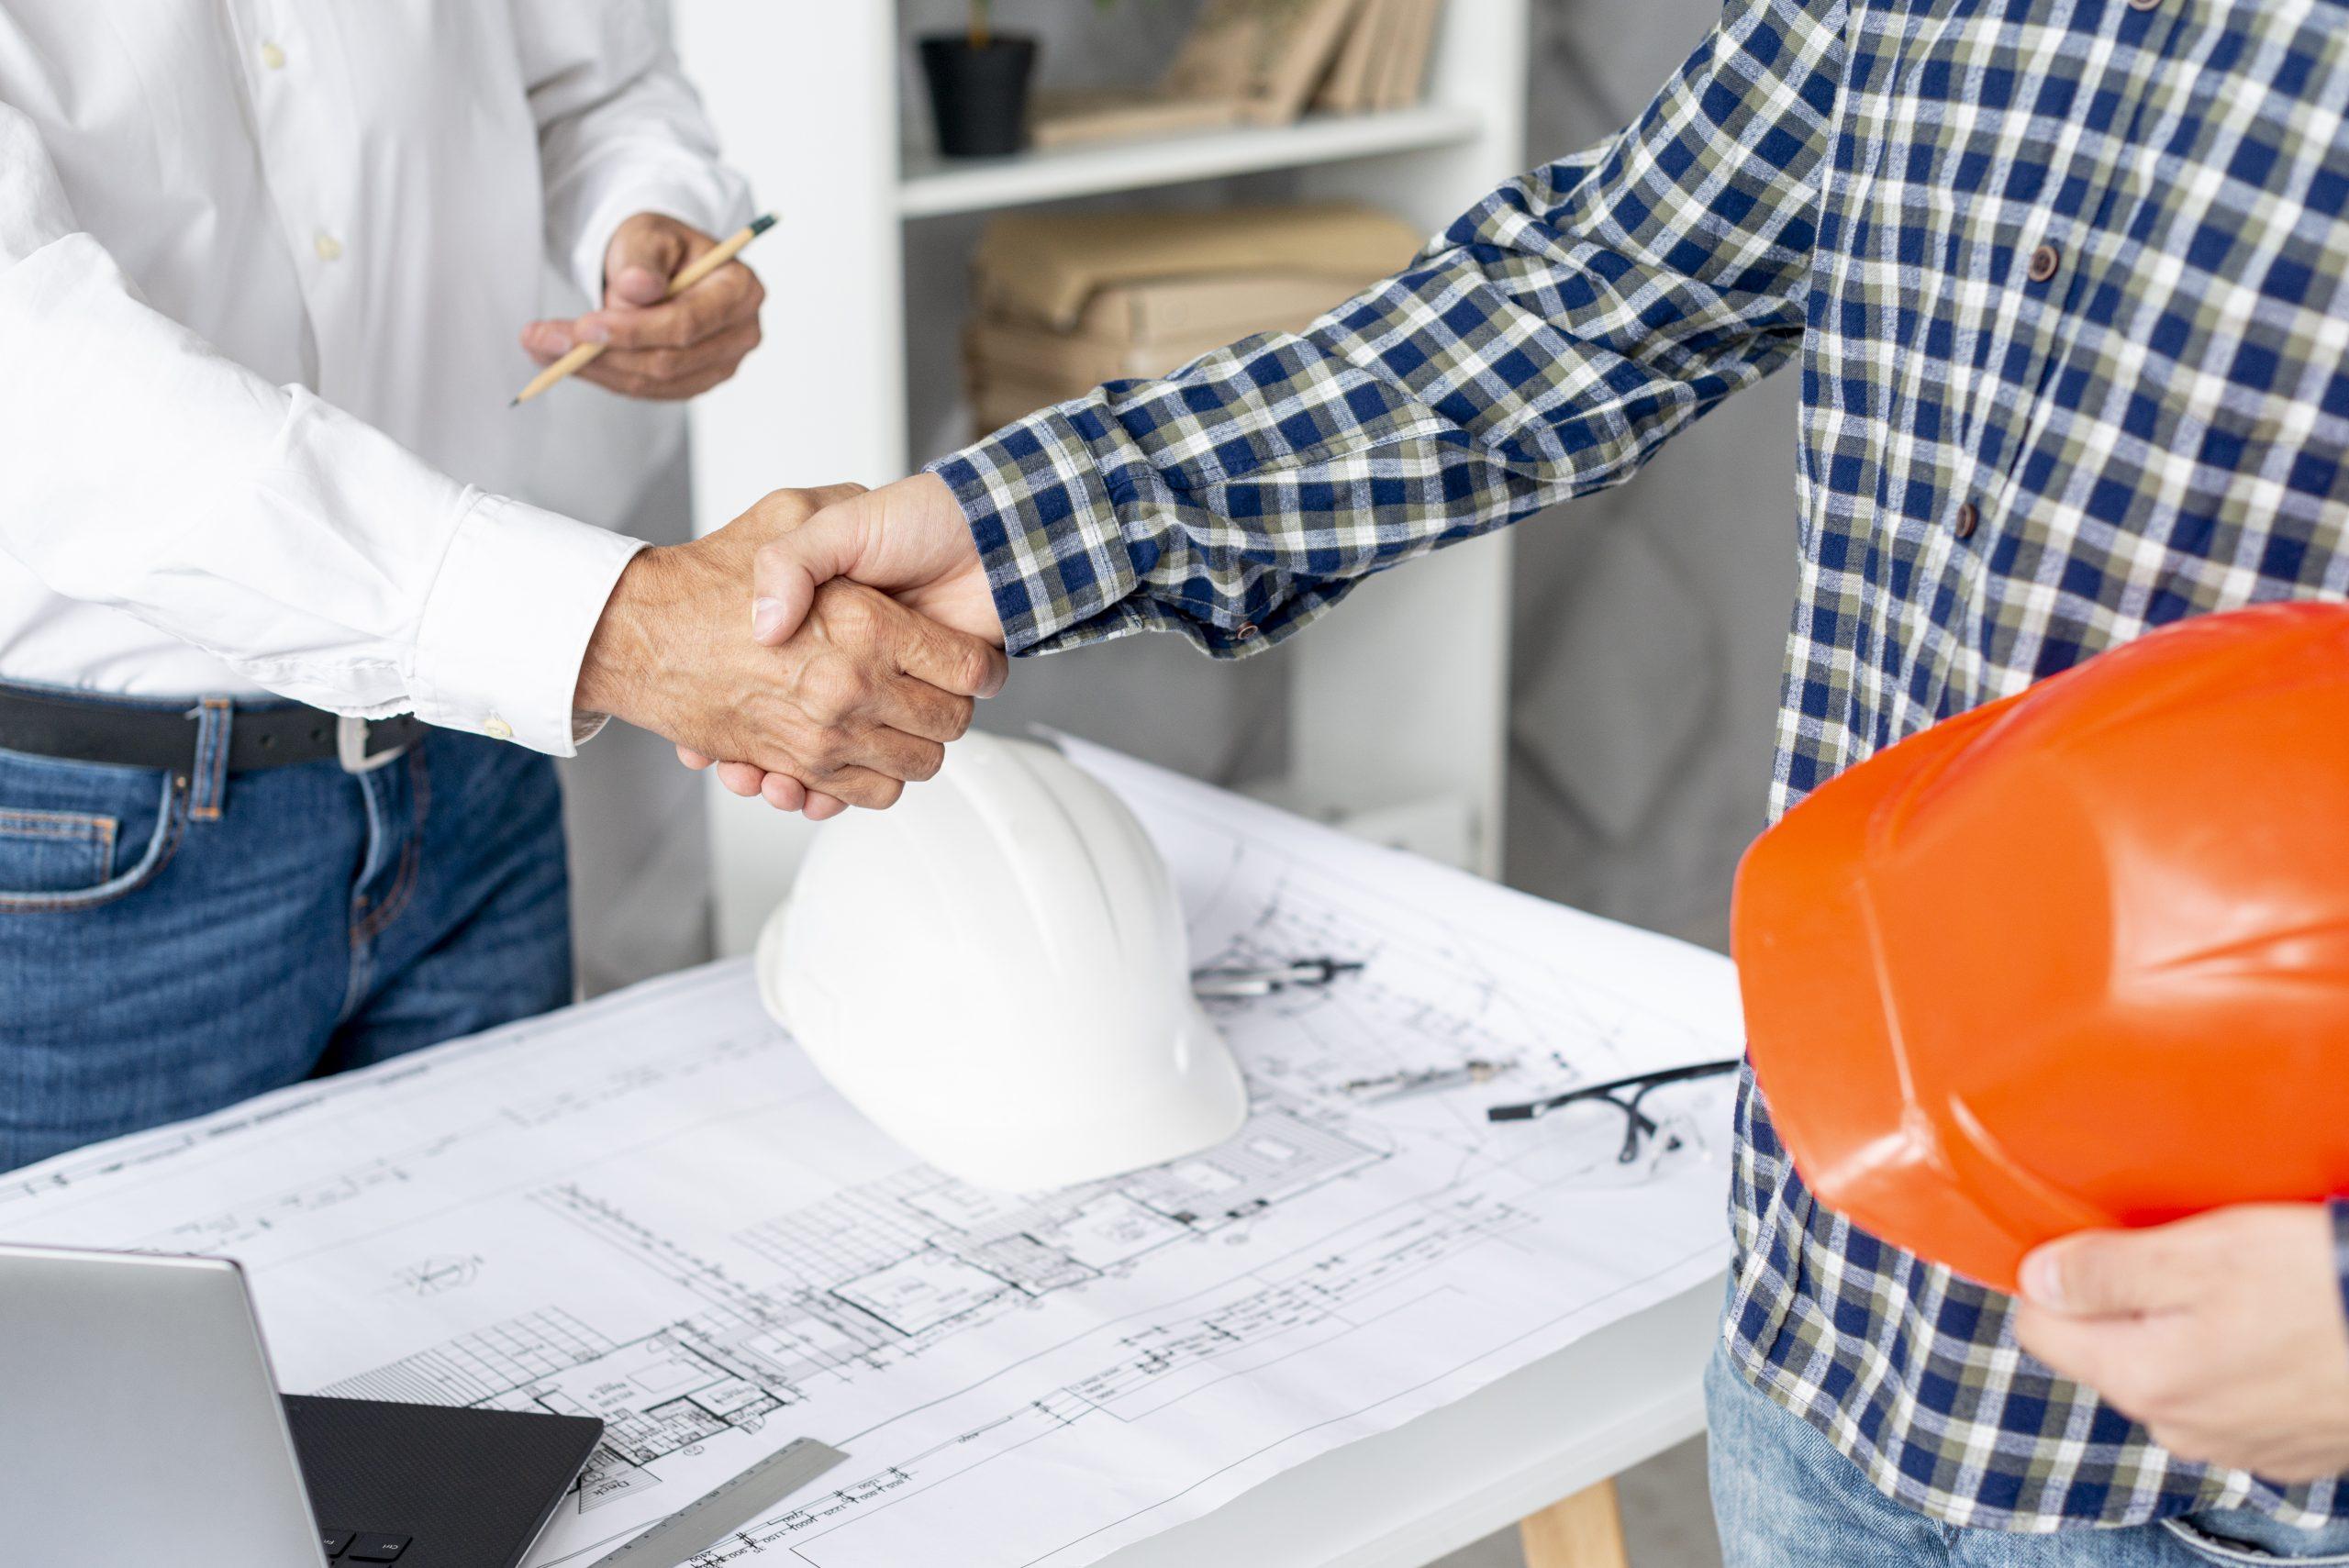 インドネシアにおける建設許可手続きについて